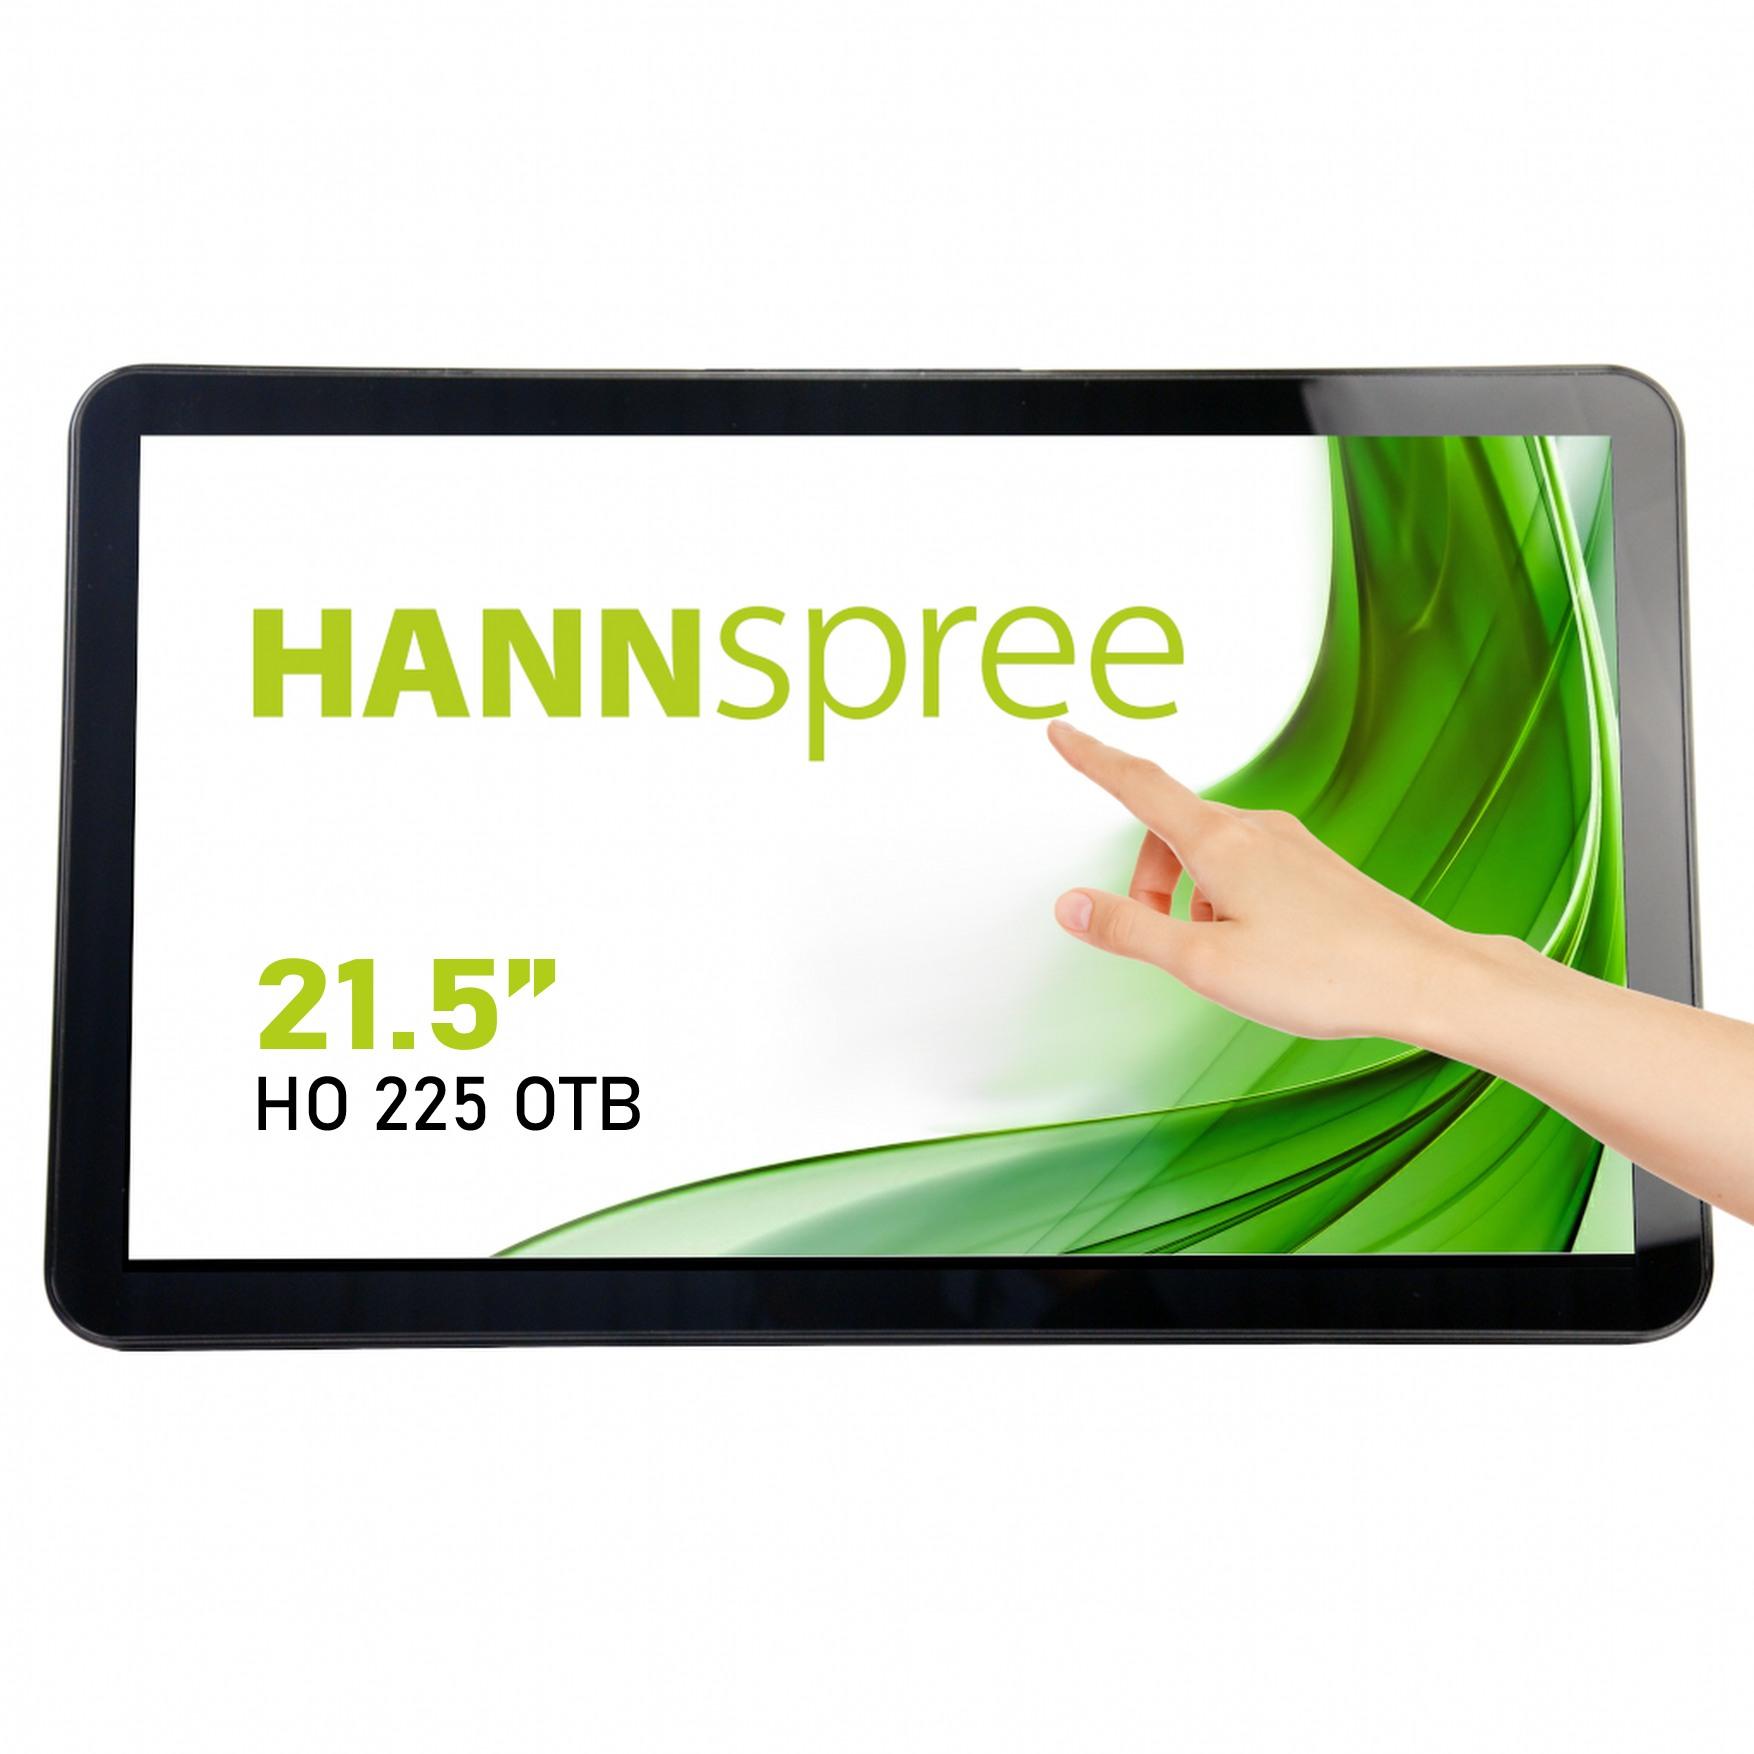 Hannspree Open Frame HO 225 OTB - 54,6 cm (21.5 Zoll) - TFT - 1920 x 1080 Pixel - 850 cd/m² - Full HD - 16:9